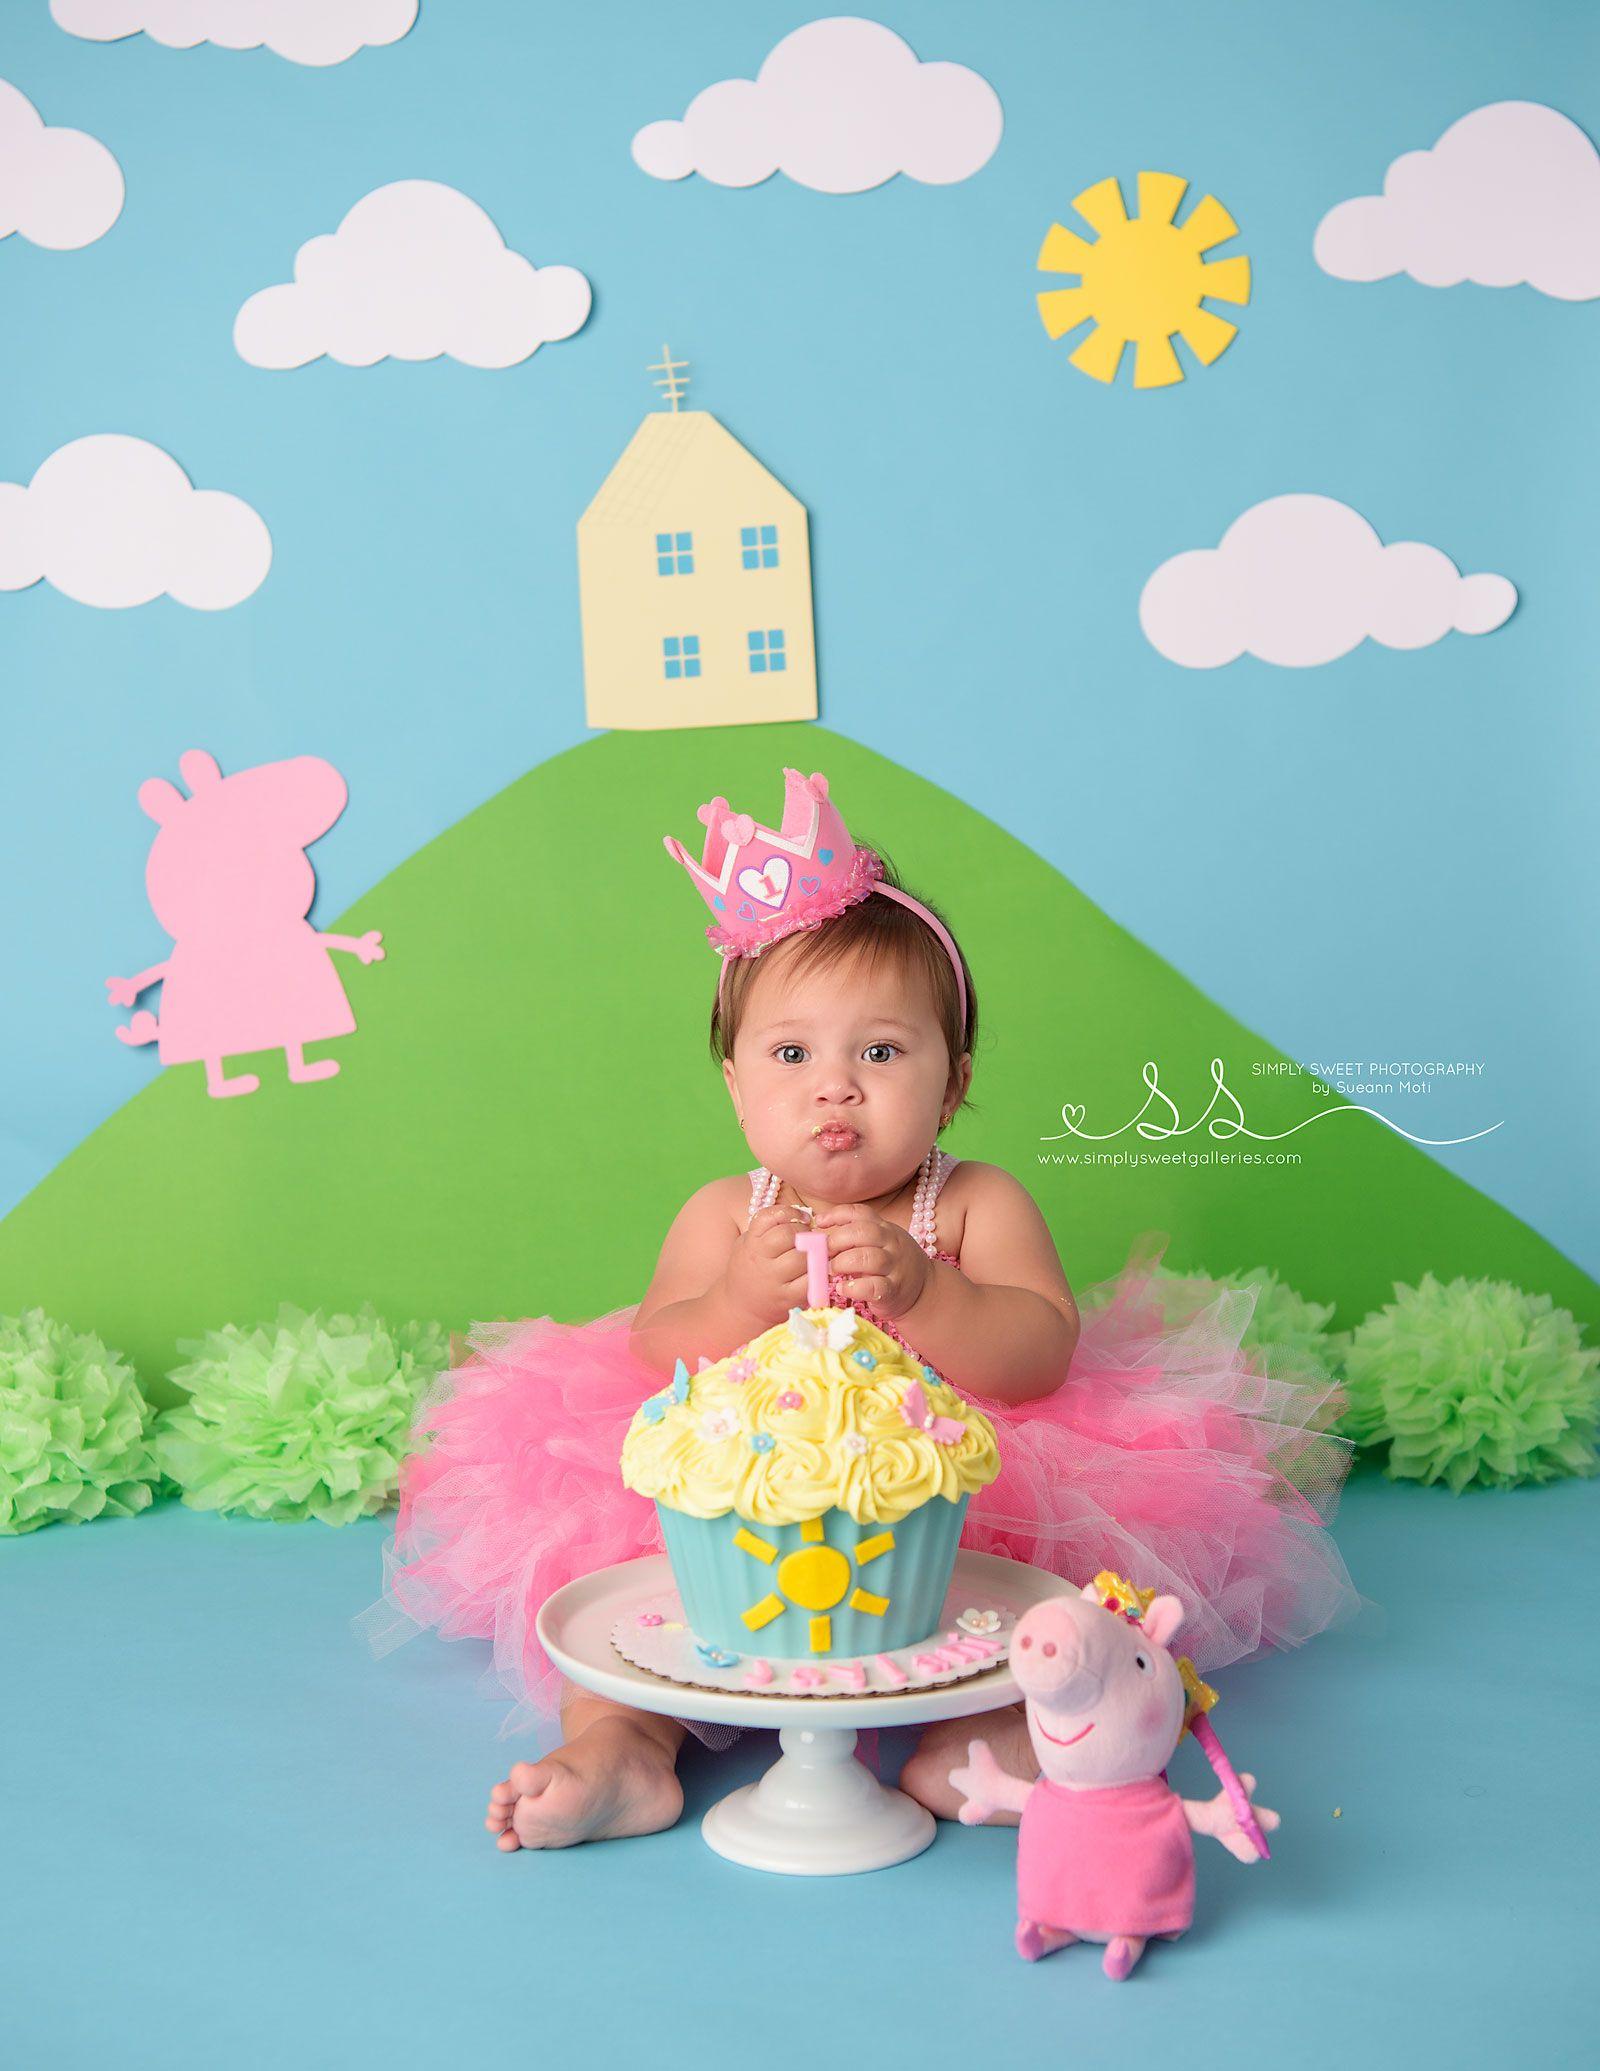 Peppa Pig 1st Birthday Cake Smash Peppa Pig Birthday Party